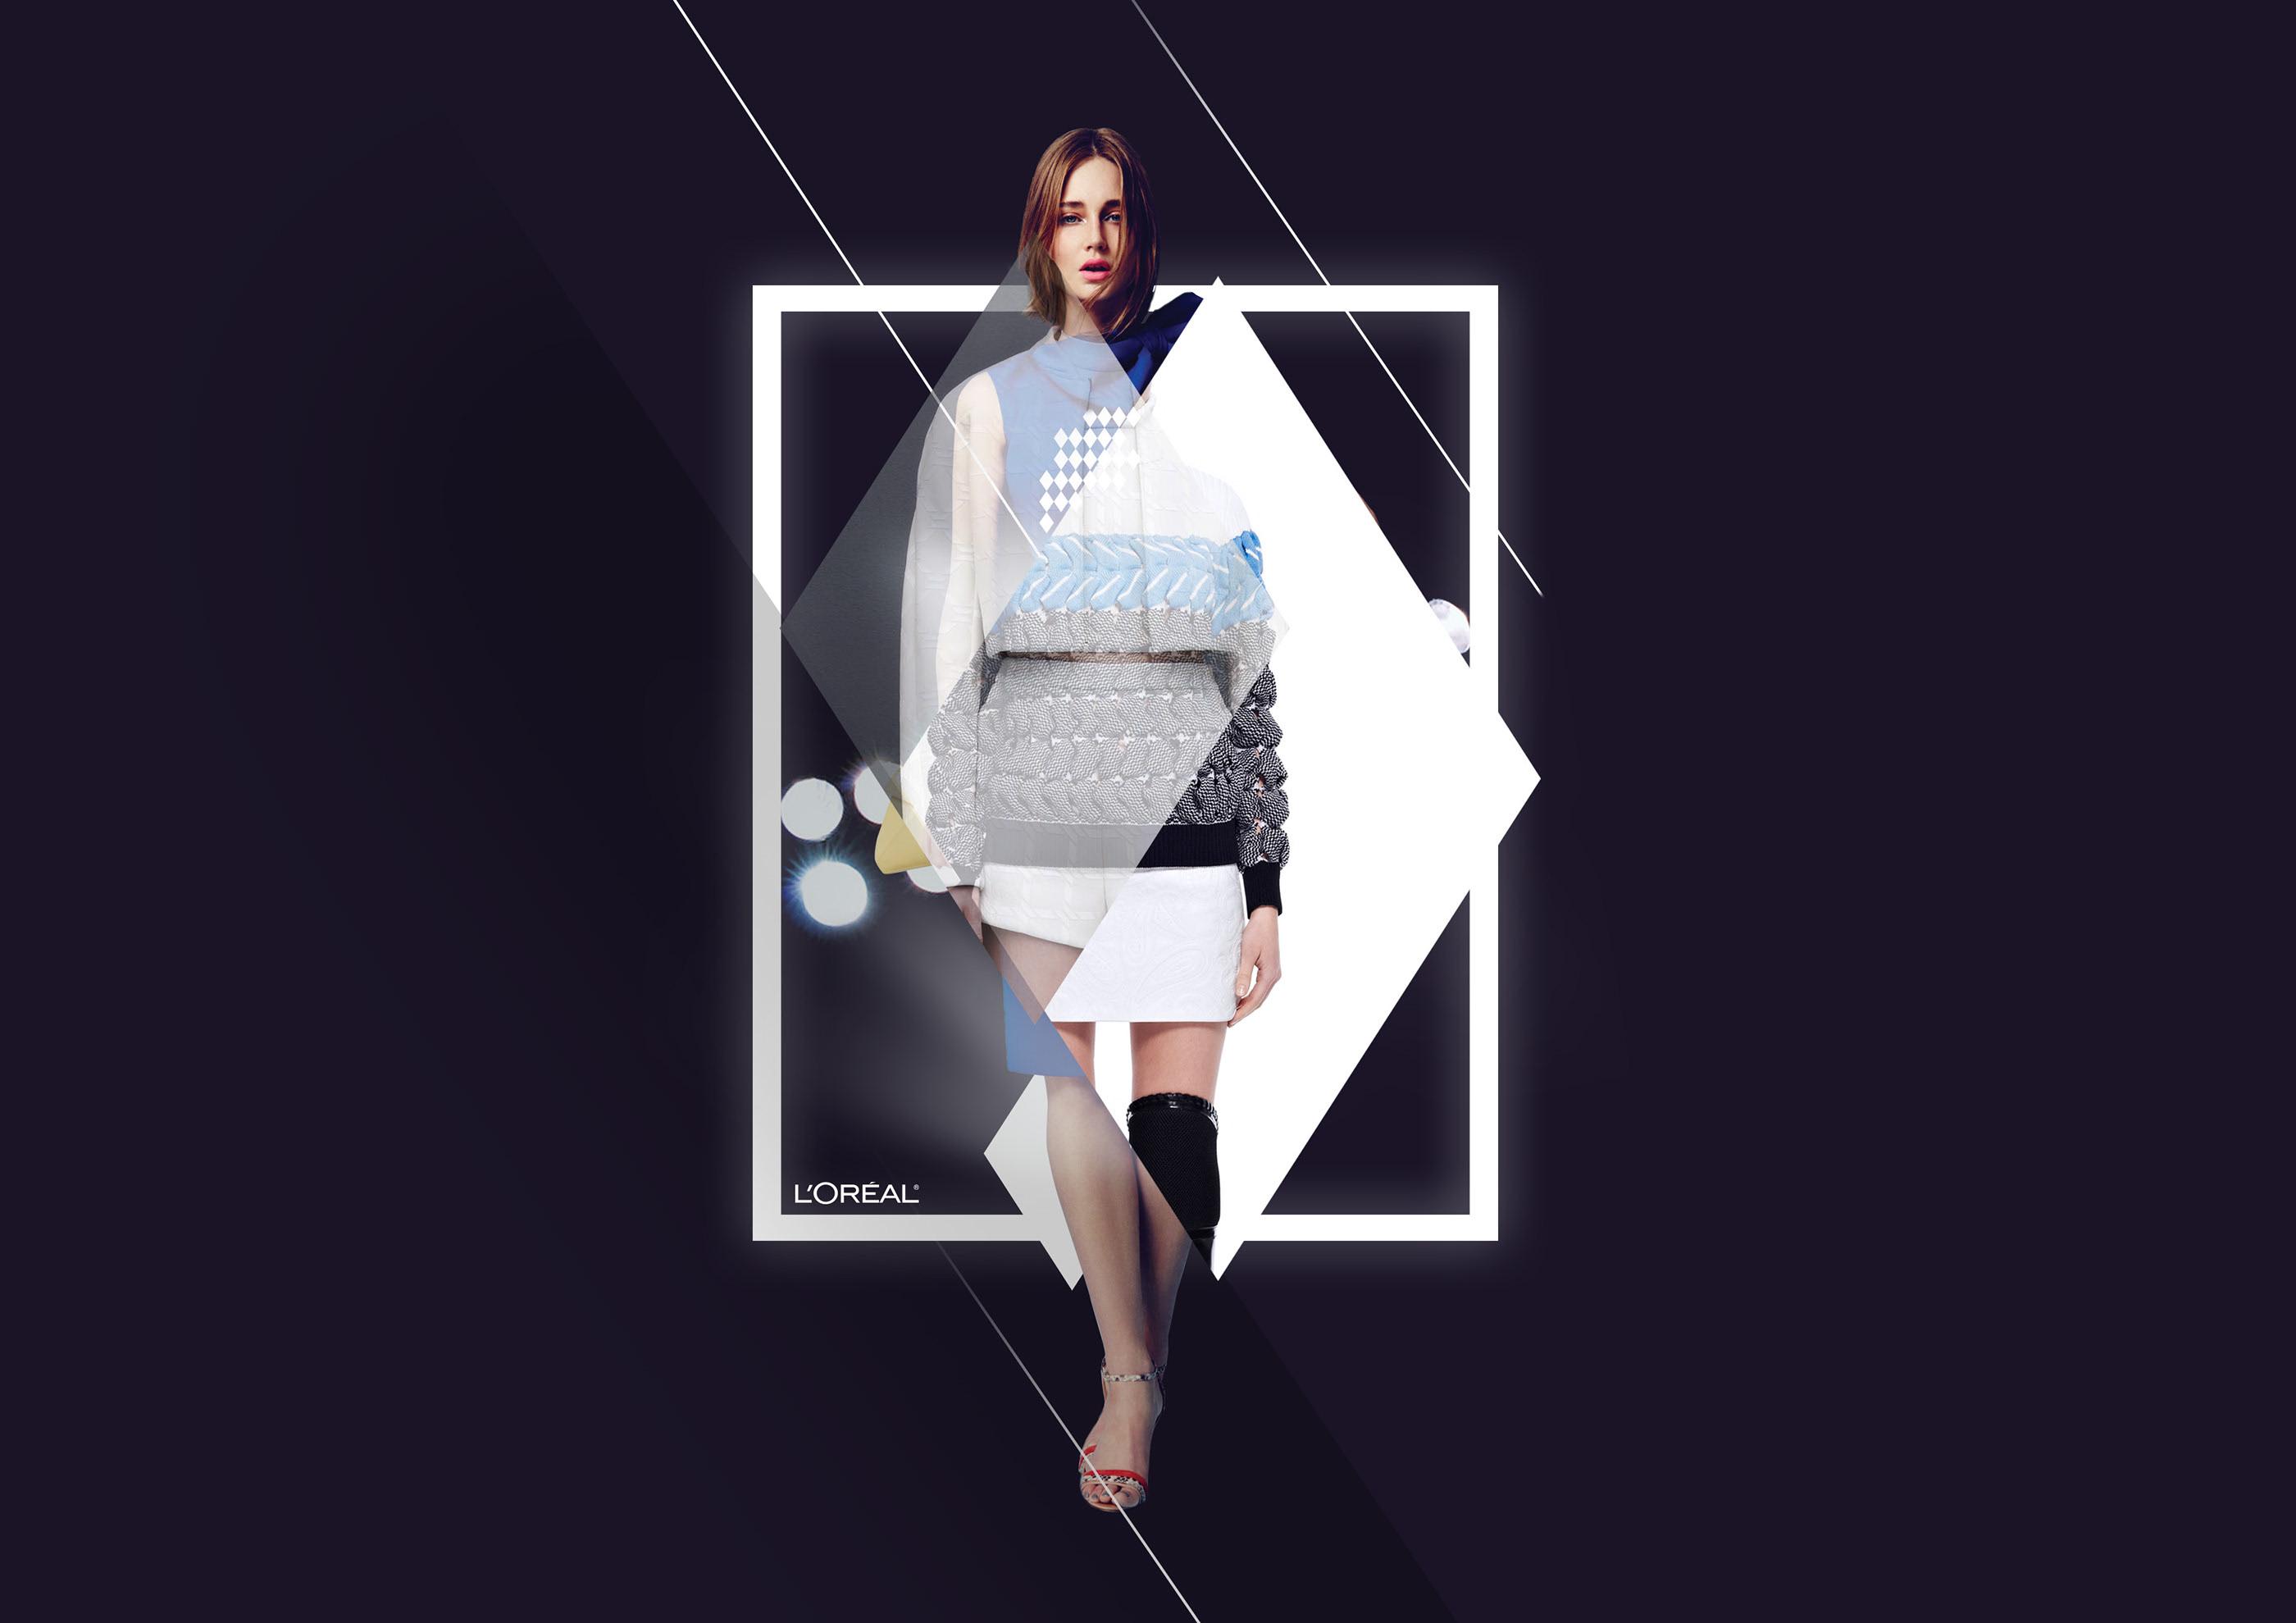 фото симферополь модные тенденции на фотоколлаж большому счету